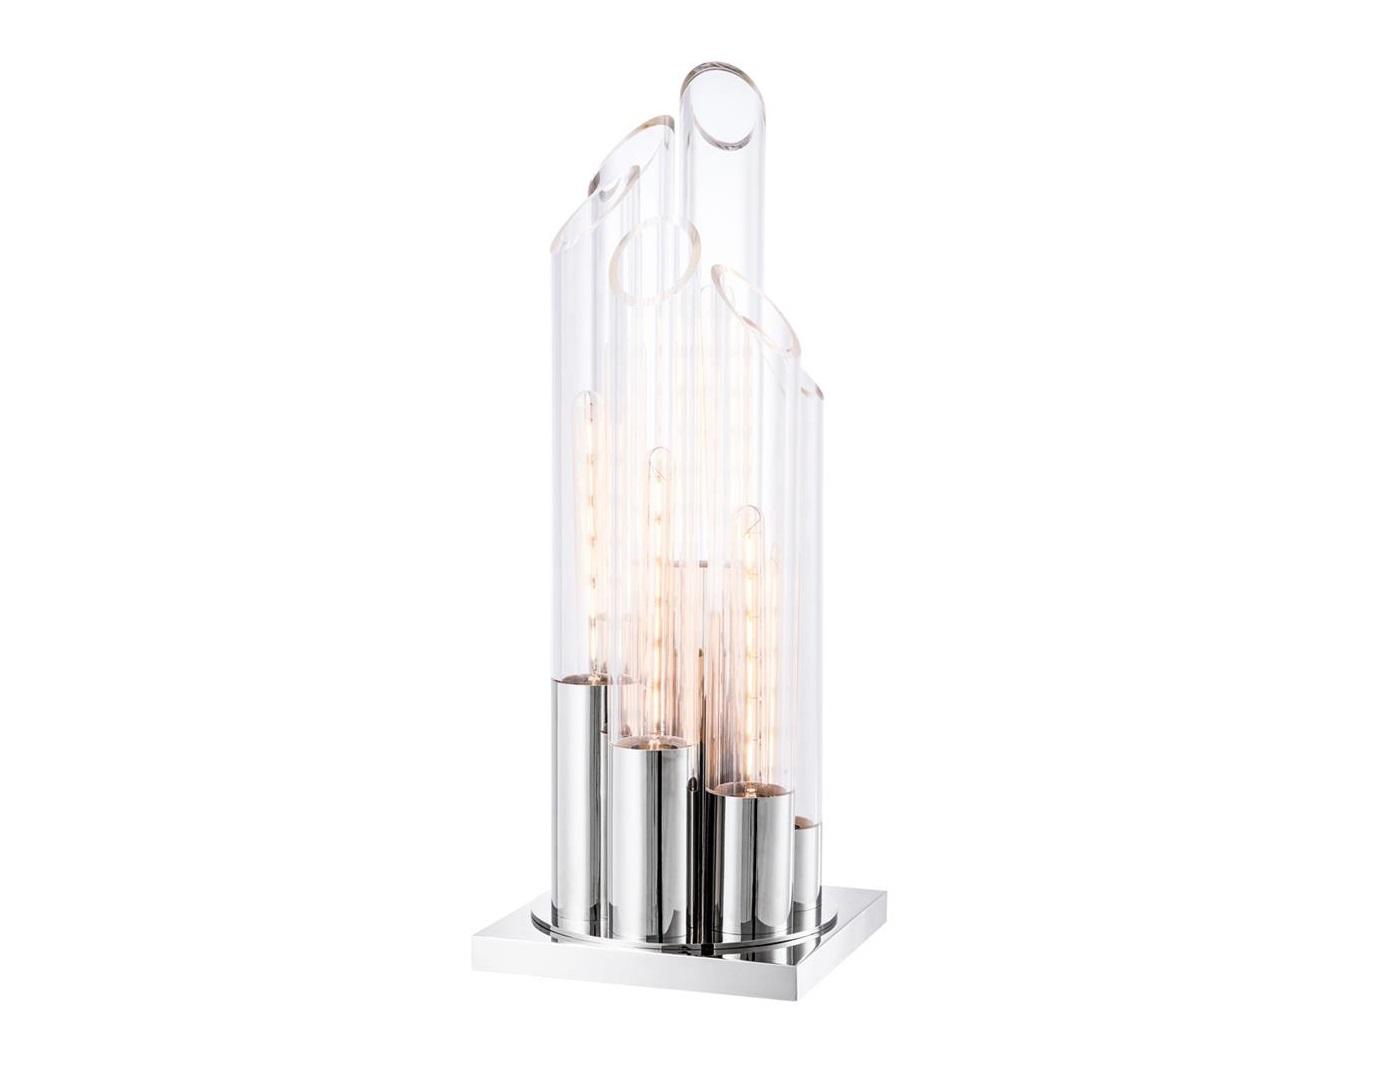 Настольная лампаДекоративные лампы<br>Настольная лампа Table Lamp Paradiso с базой из никелированного металла. Разноуровневые плафоны-колбы из прозрачного стекла.&amp;lt;div&amp;gt;&amp;lt;br&amp;gt;&amp;lt;/div&amp;gt;&amp;lt;div&amp;gt;&amp;lt;div&amp;gt;Тип цоколя: E14&amp;lt;/div&amp;gt;&amp;lt;div&amp;gt;Мощность: 40W&amp;lt;/div&amp;gt;&amp;lt;div&amp;gt;Кол-во ламп: 6 (нет в комплекте)&amp;lt;/div&amp;gt;&amp;lt;/div&amp;gt;<br><br>Material: Металл<br>Ширина см: 30<br>Высота см: 80<br>Глубина см: 30